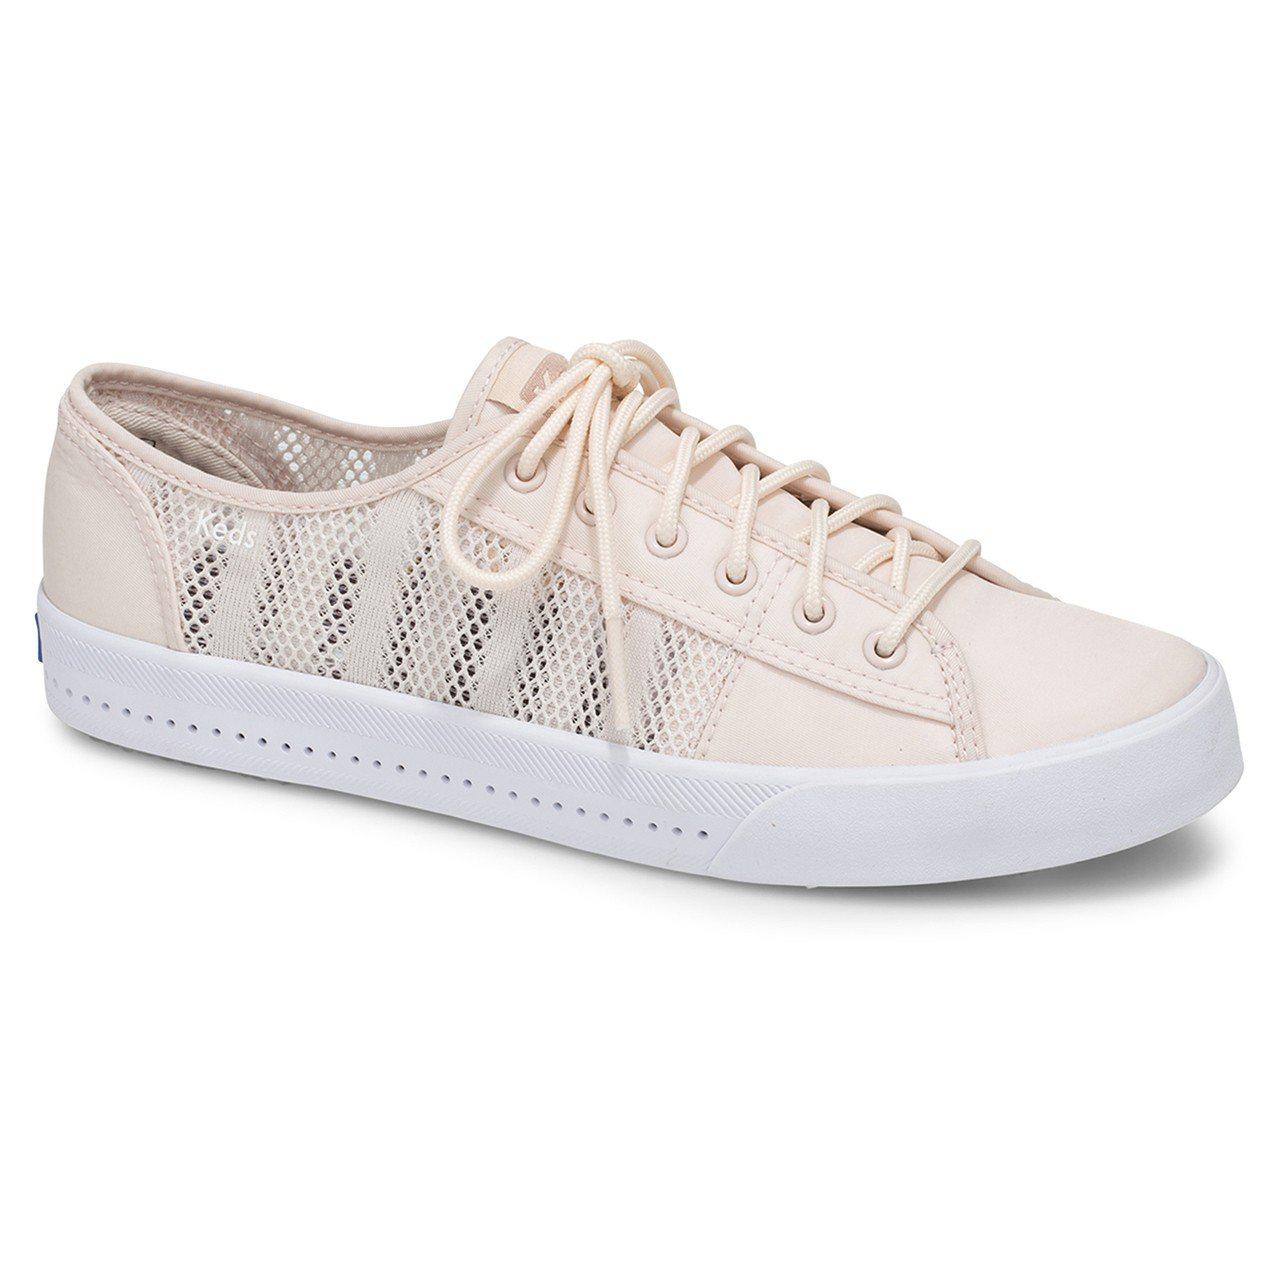 Keds Studio系列KICKSTART網布鞋,約2,290元。圖/Keds...